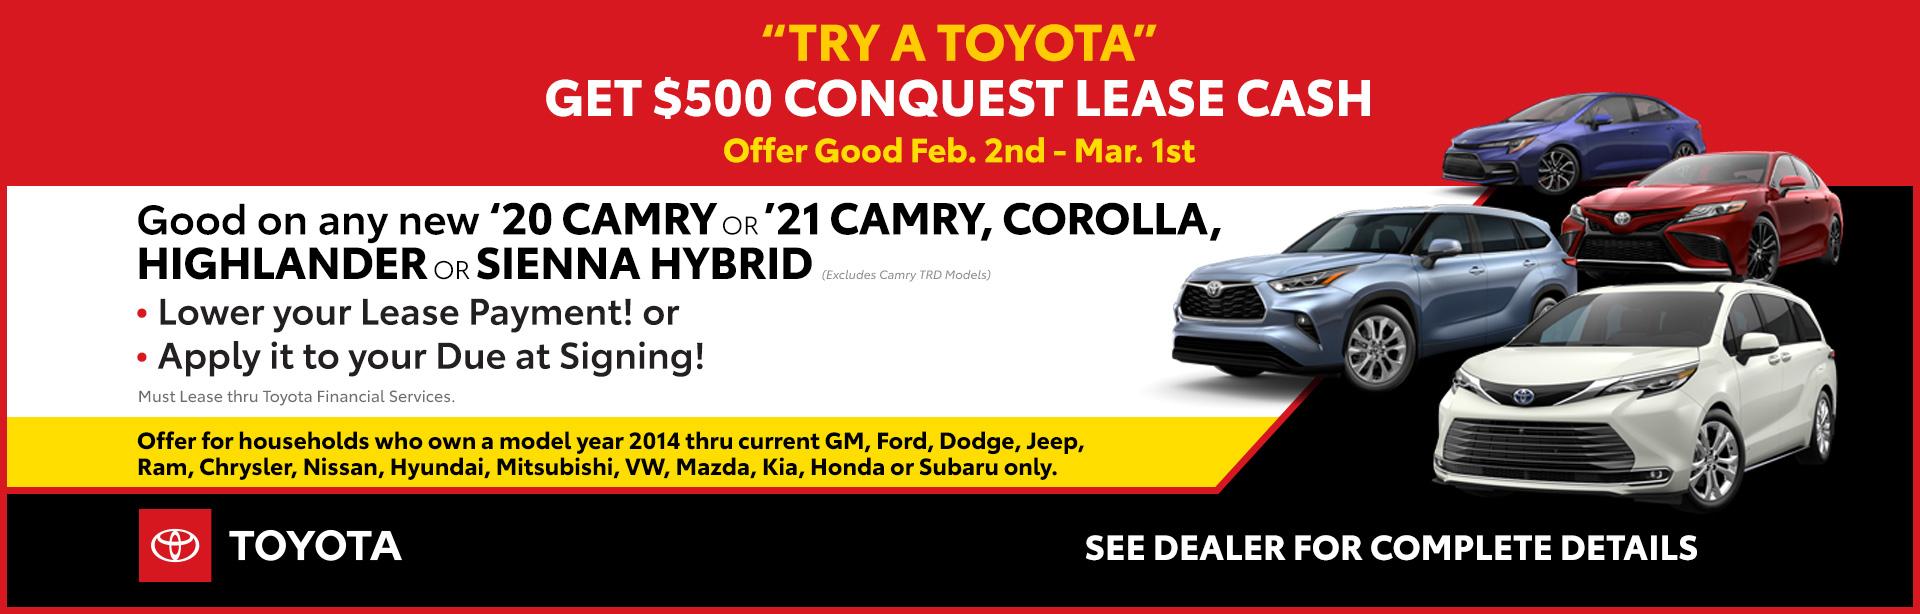 02-21_01_Cincinnati-February-2021-CIN-Conquest-Lease-Cash_1920x614_9511_Camry-Corolla-Highlander-Sienna_O_xta.jpeg